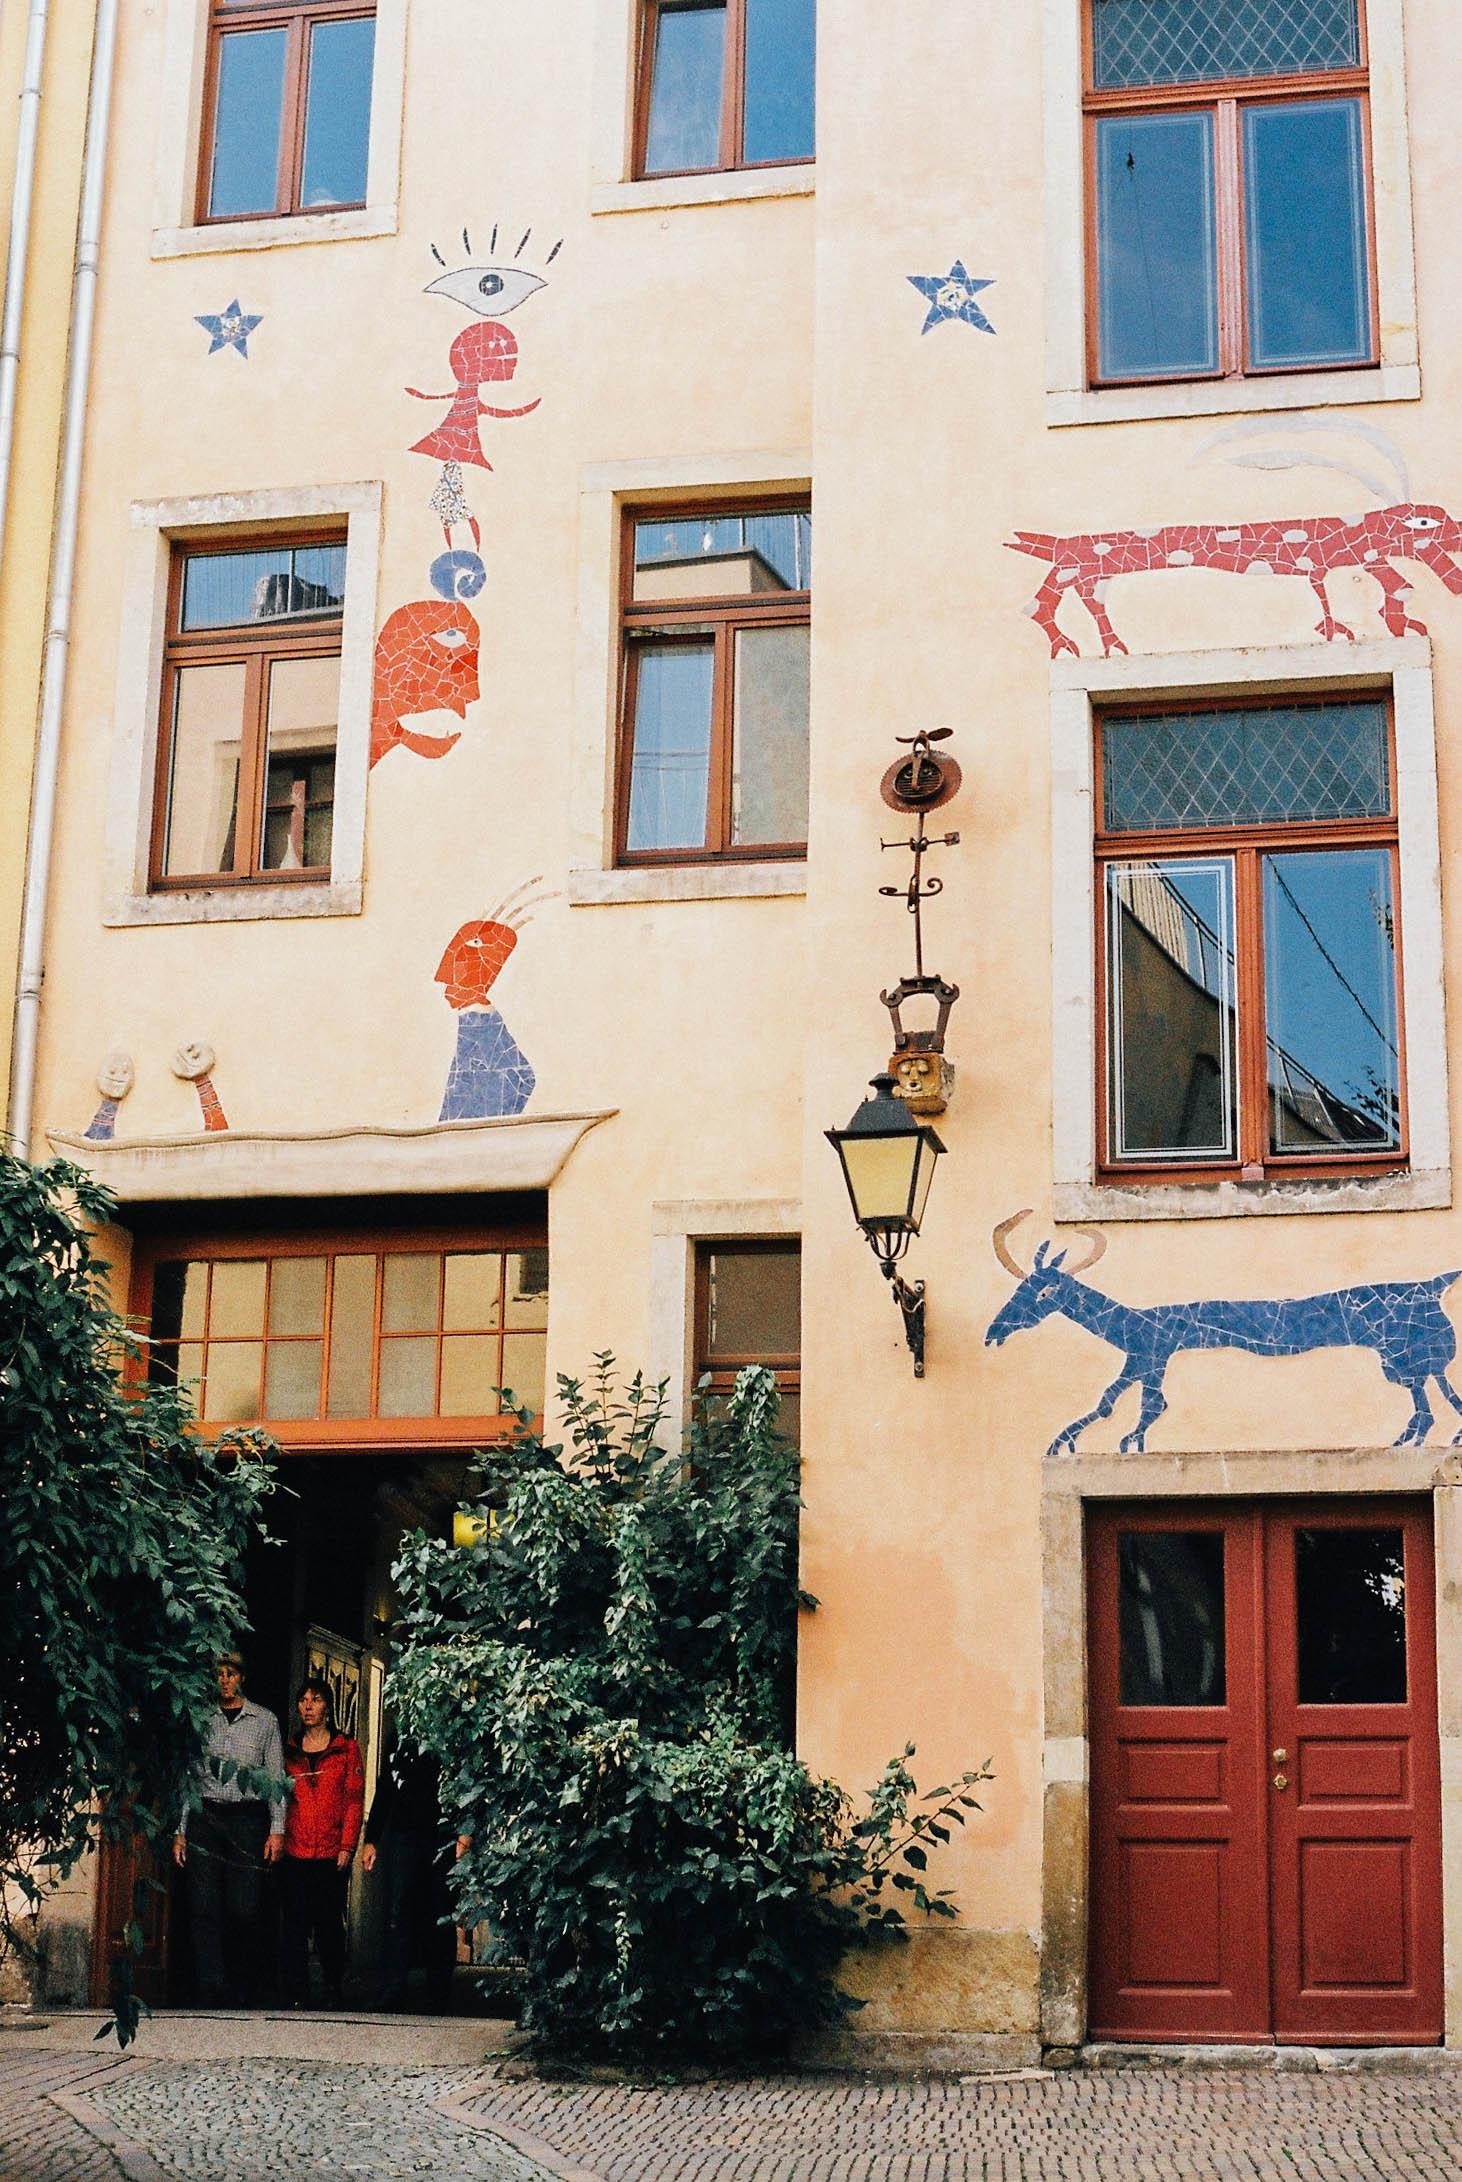 Украинцы в Германии: Здесь во всем чувствуется половое равноправие, женщины не притворяются слабыми